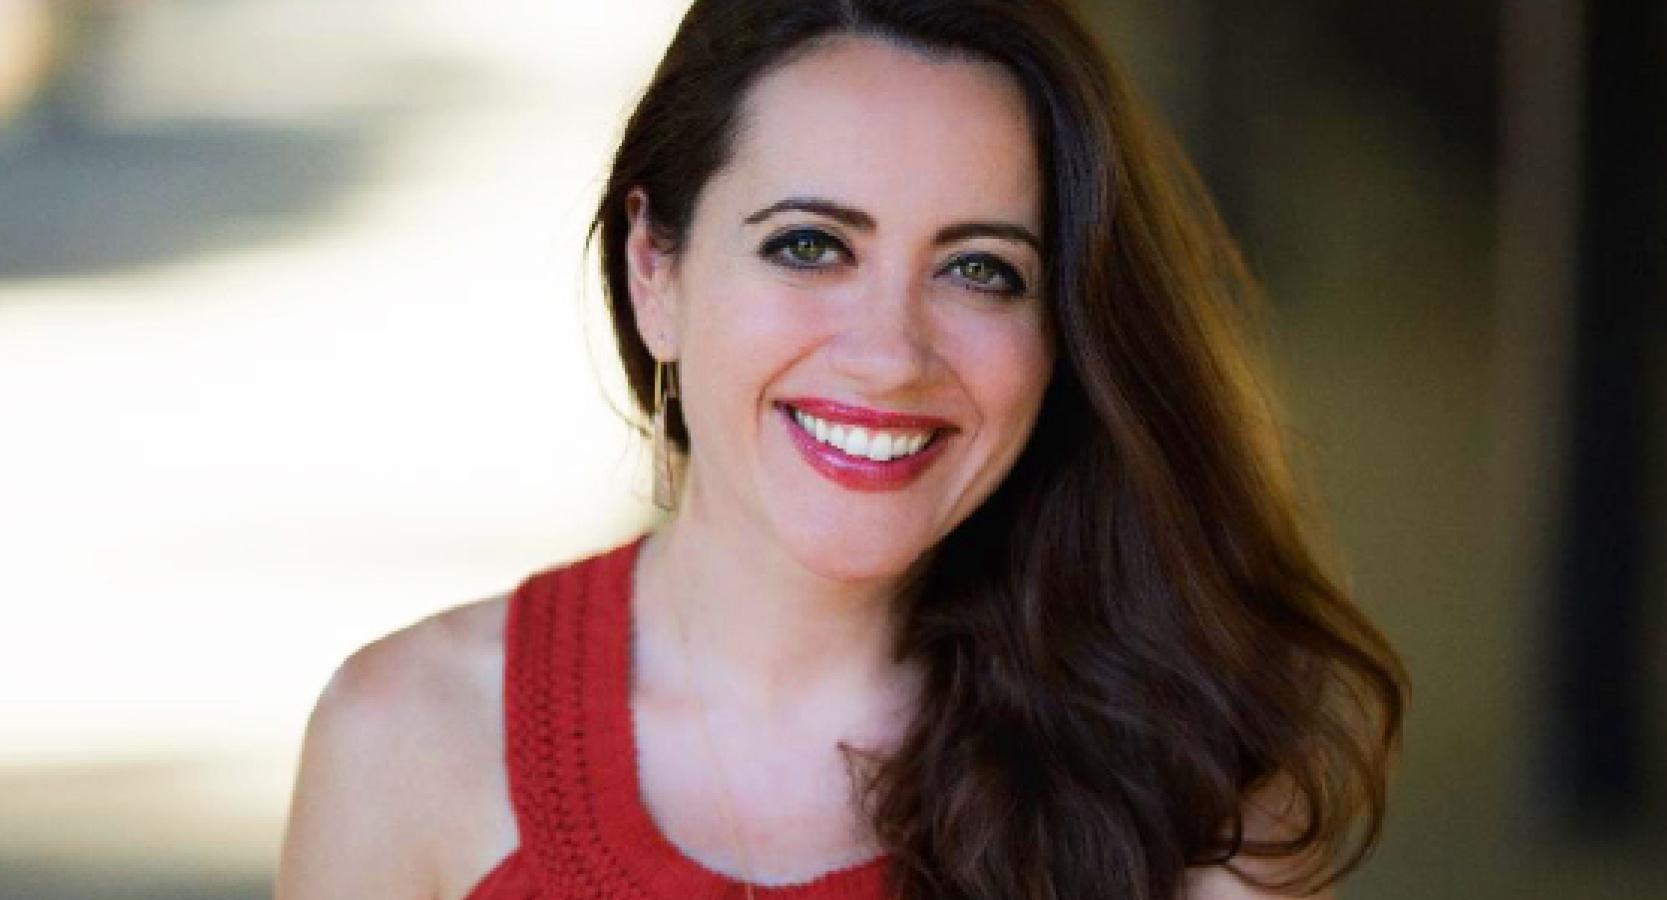 Soprano Amanda Forsythe smiling